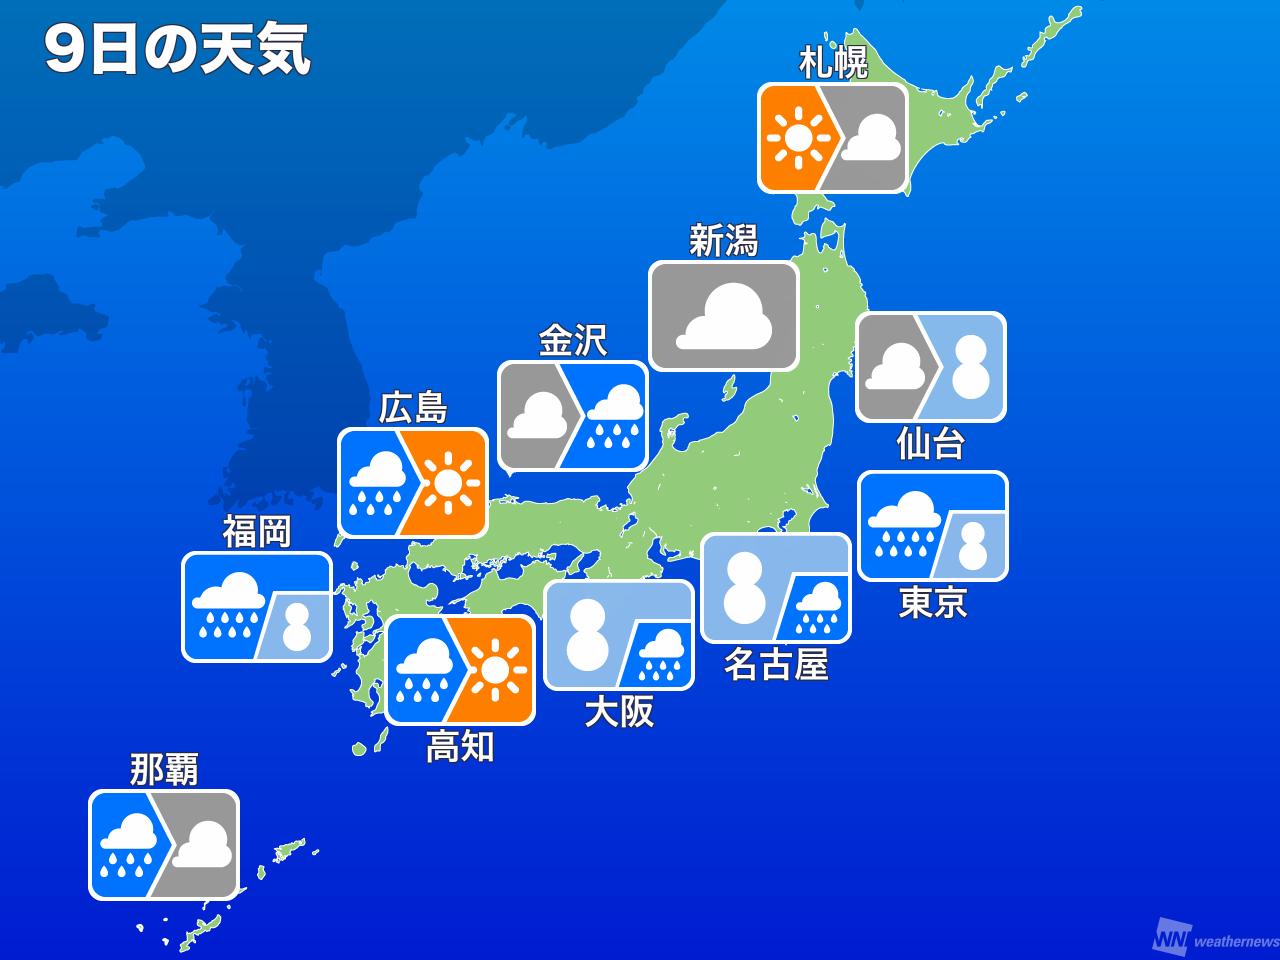 今日 の 天気 宇都宮 栃木県宇都宮市の天気 - goo天気